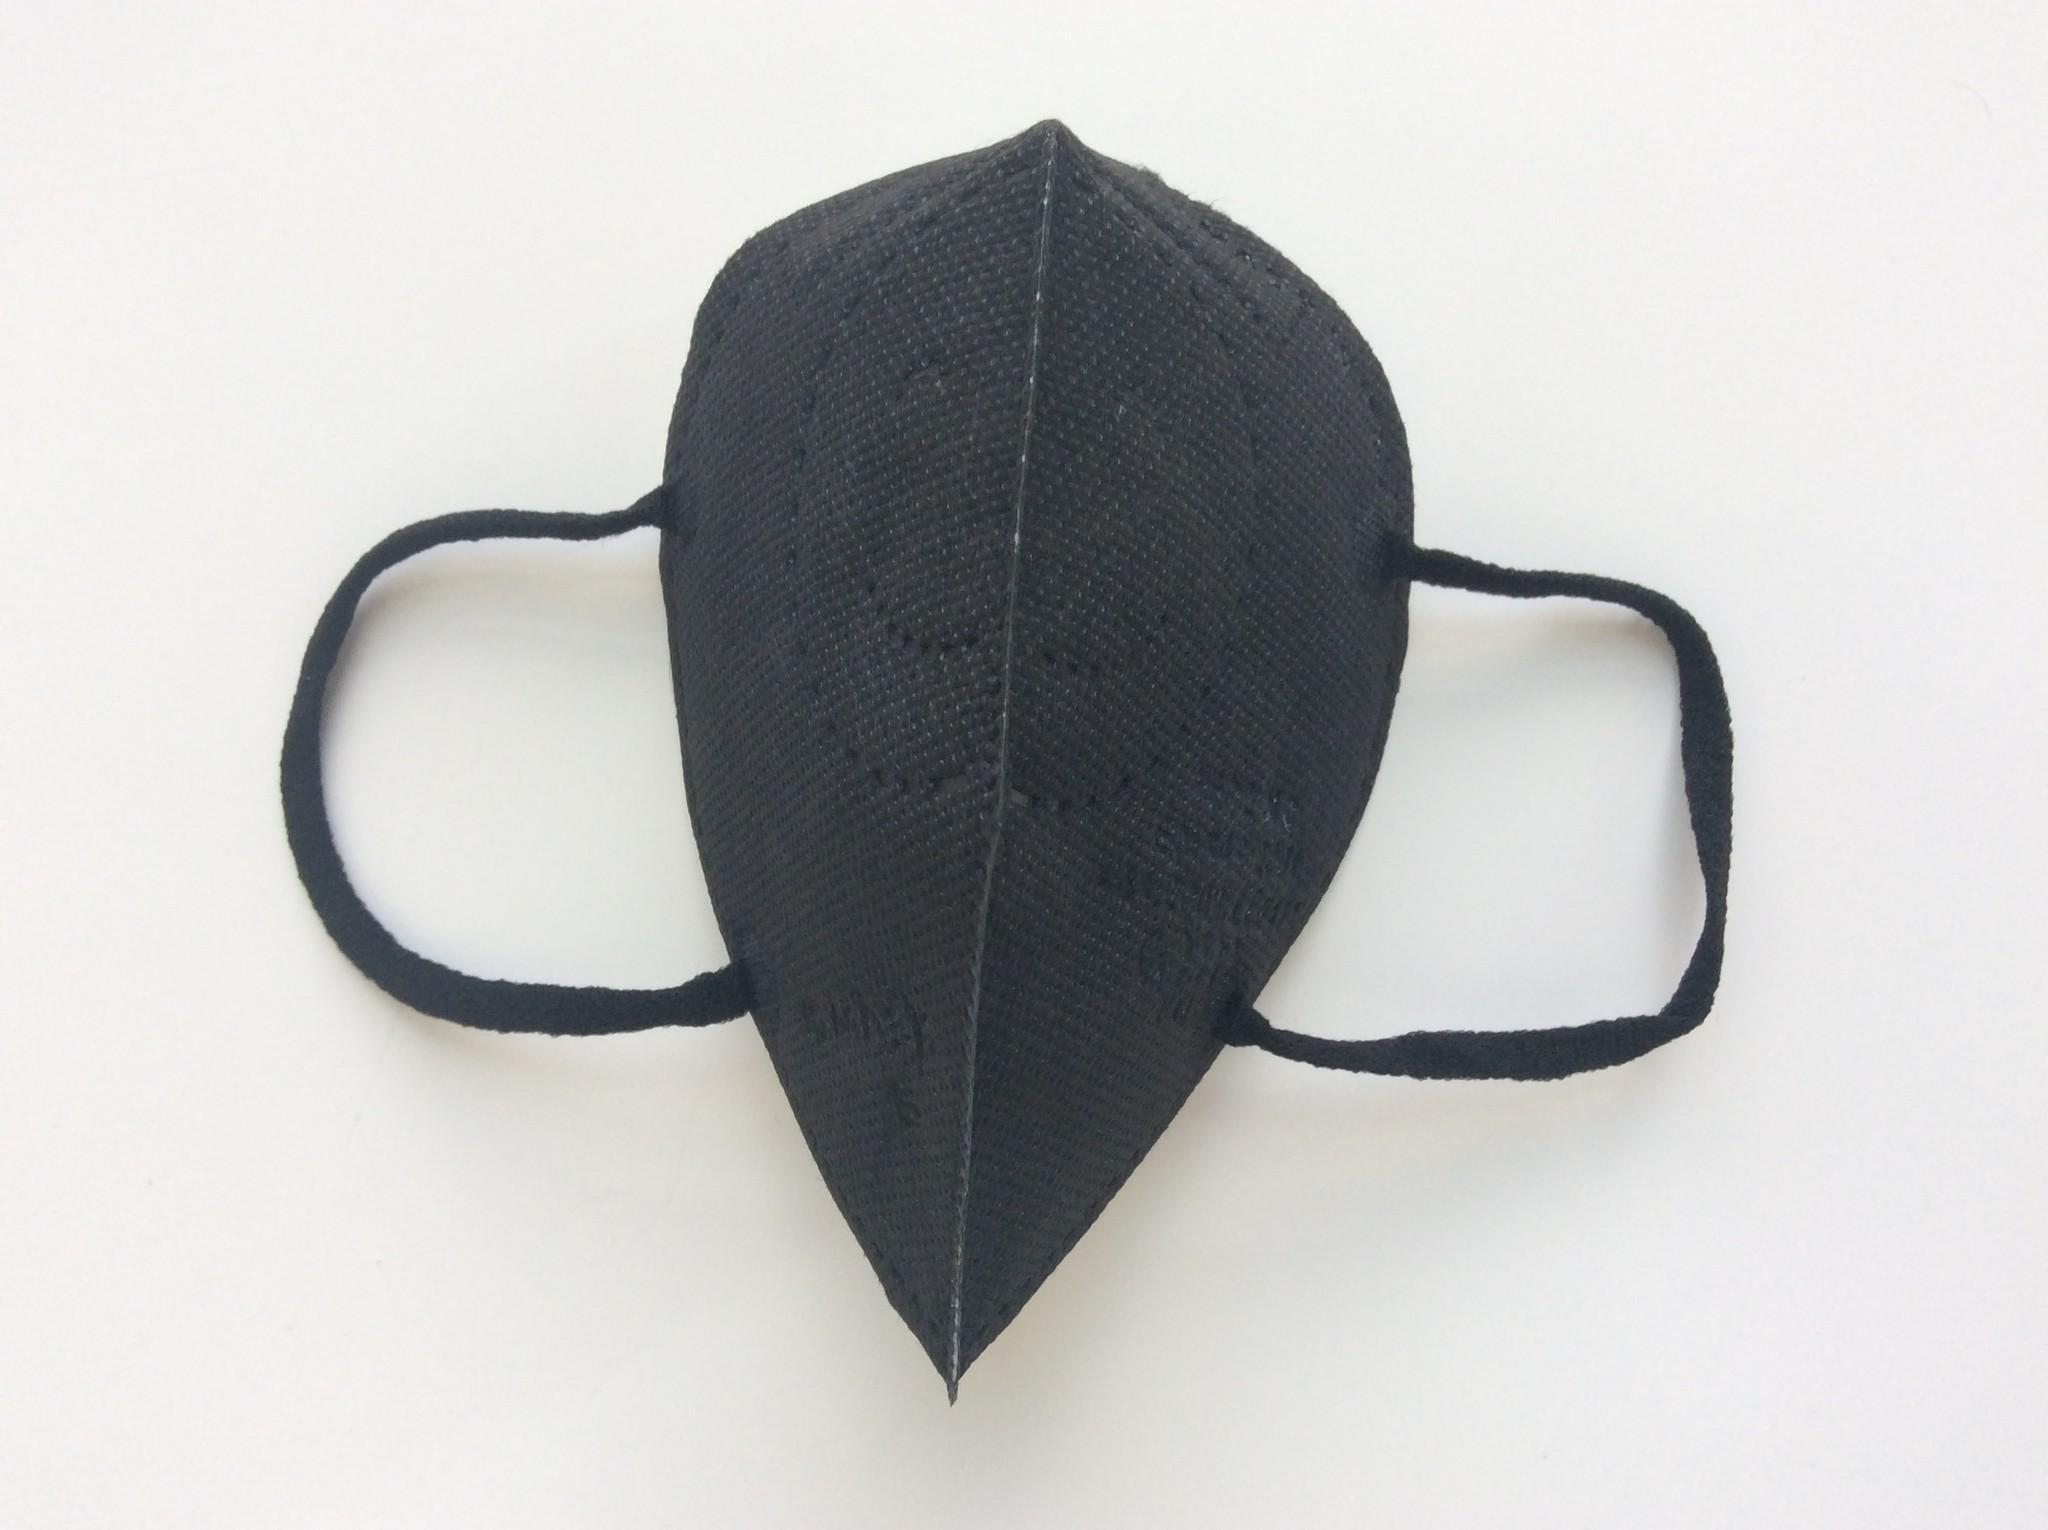 """IG-mask Masque IG """"FFP2"""" - Couleur Noir - 5 pièces (2,99 par pièce)"""